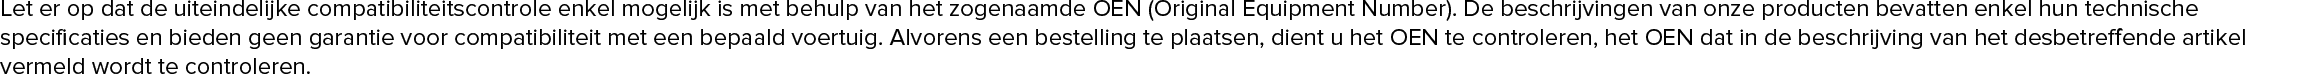 BOSCH 24077, BP1323, E1 90R-011200/212, 169 420 03 20, 169 420 07 20 Remblokkenset, schijfrem